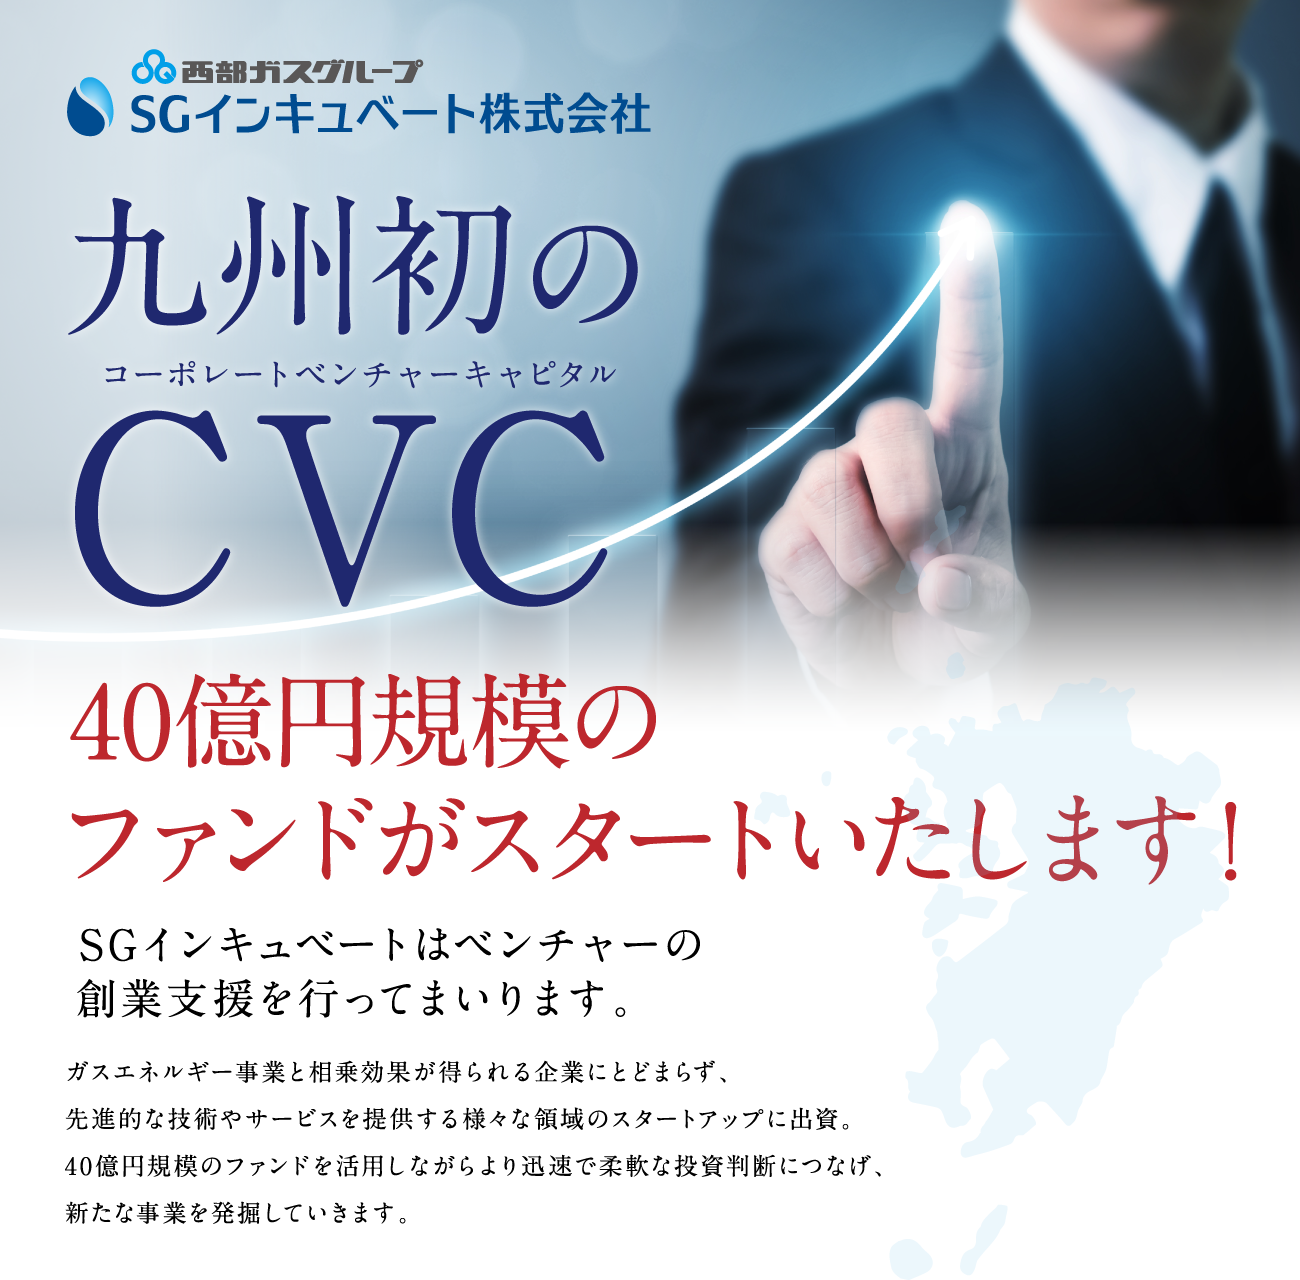 西部ガスグループ SG inubate|九州初のCVC コーポレートベンチャーキャピタル